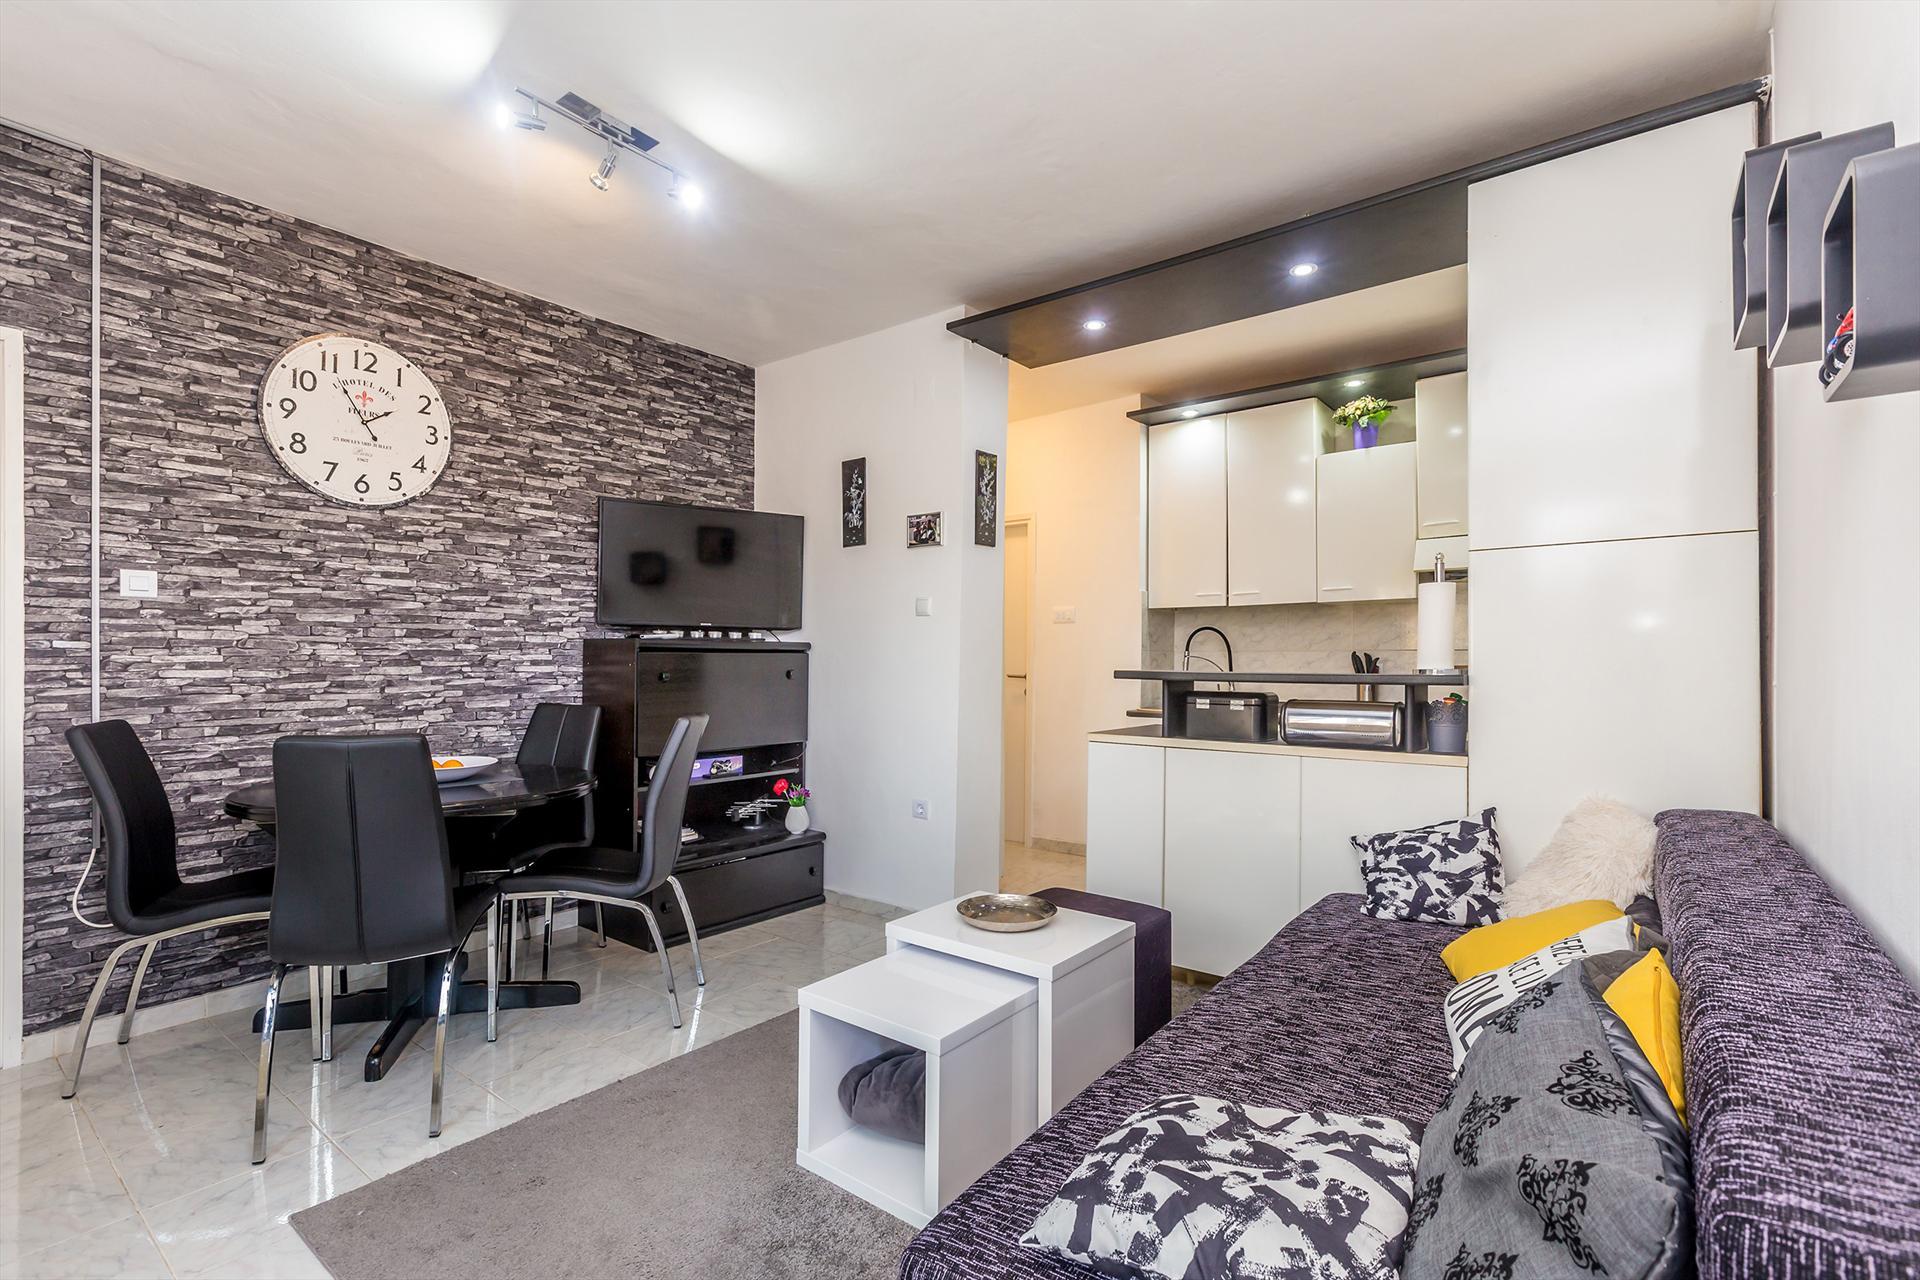 Modern apartment - ground floor, terrace with garden view, private parking,Liebliche und gemütliche Ferienwohnung in Milohnic, Island Krk, Kroatien für 4 Personen...